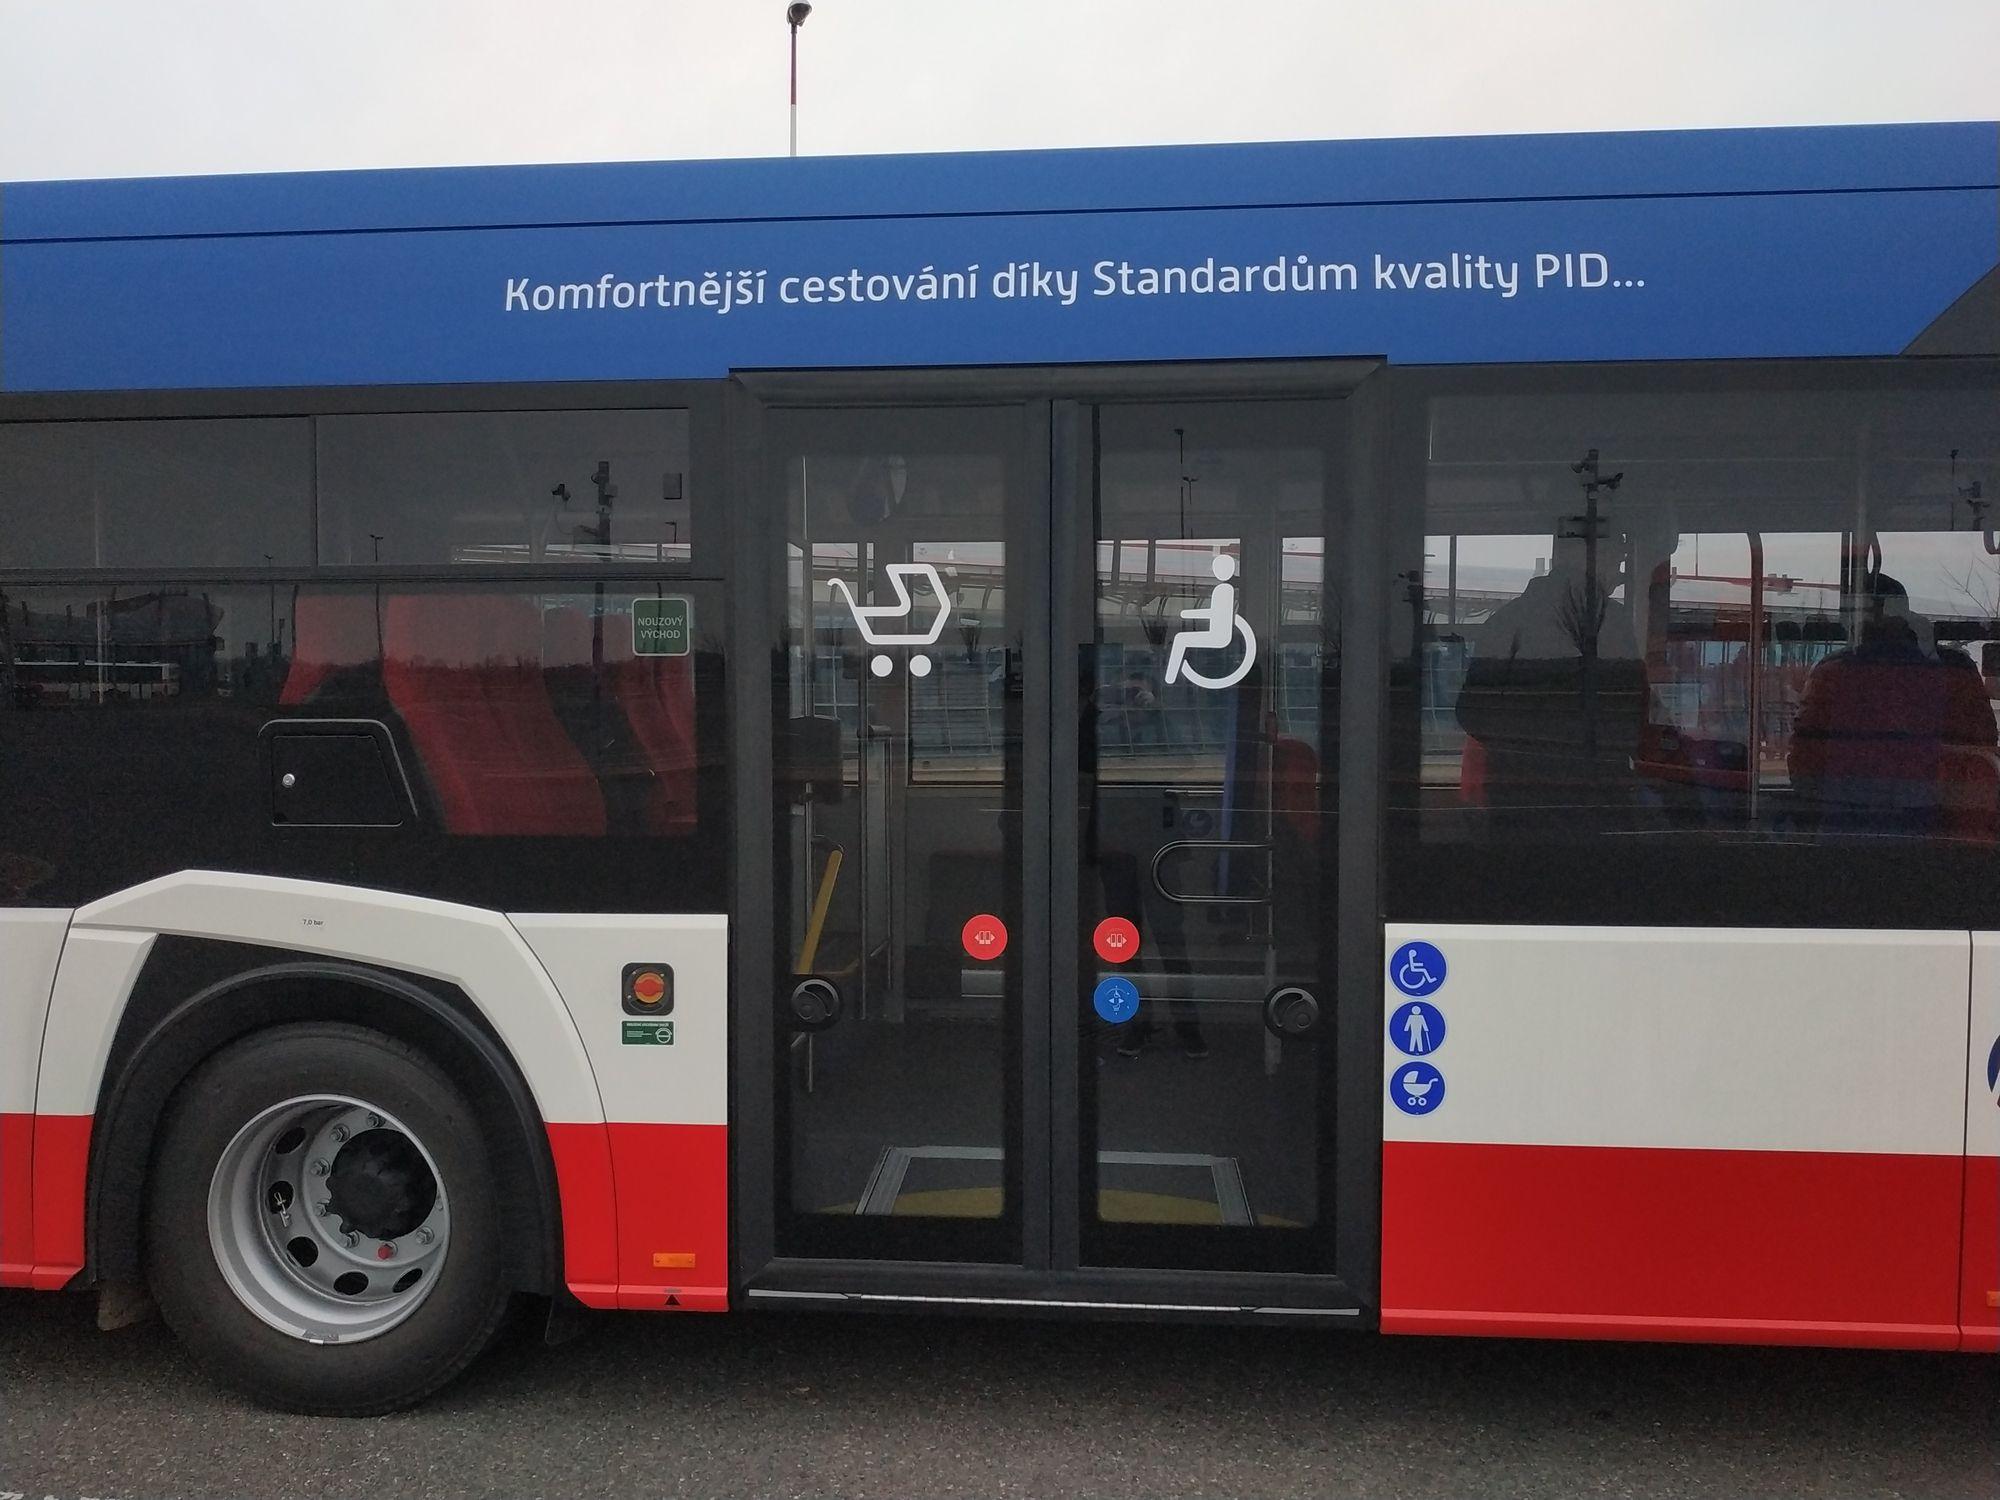 Autobusy nejnovější generace Solaris Urbino 18 jezdí ve Sředních Čechách